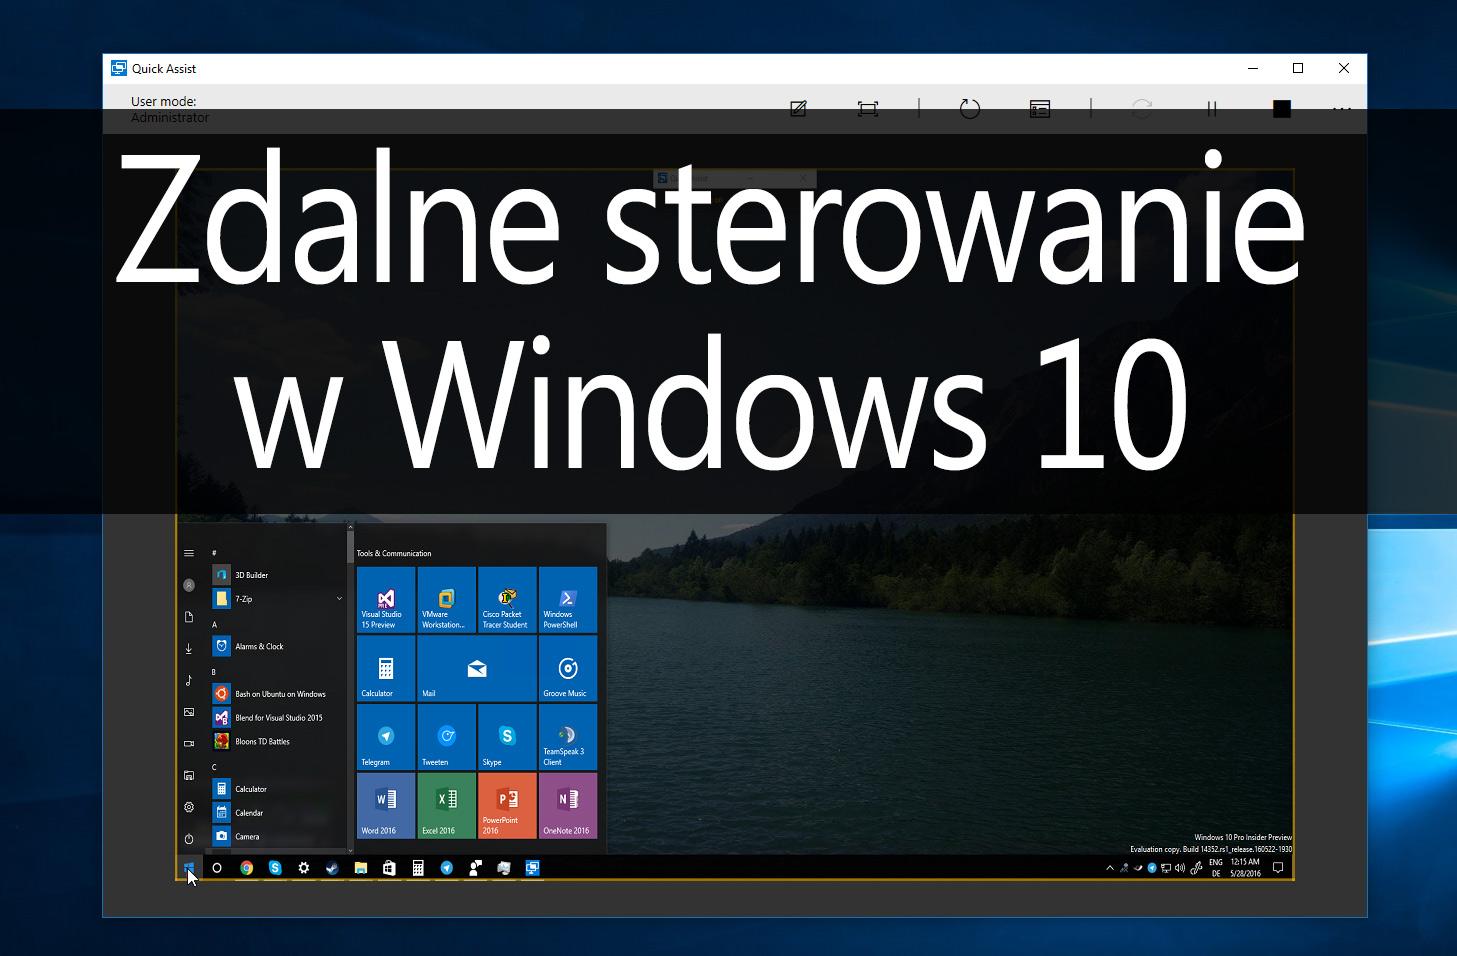 Jak zdalnie sterować komputerem w Windows 10